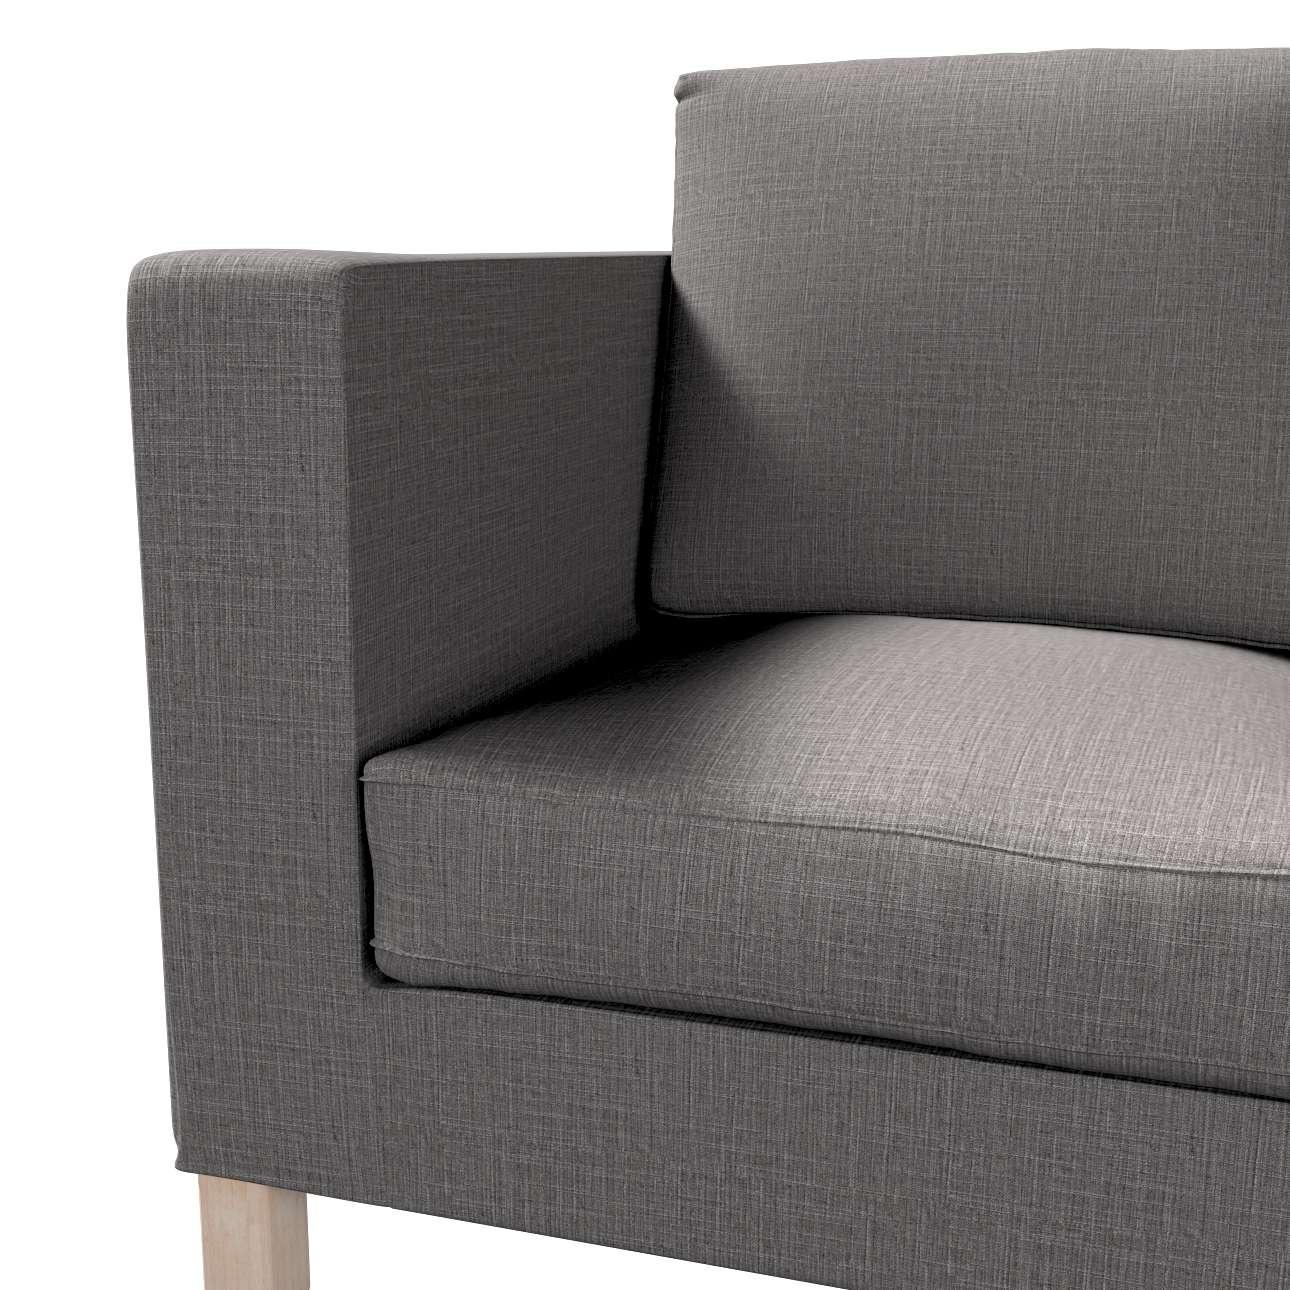 Bezug für Karlanda 2-Sitzer Sofa nicht ausklappbar, kurz von der Kollektion Living II, Stoff: 161-16